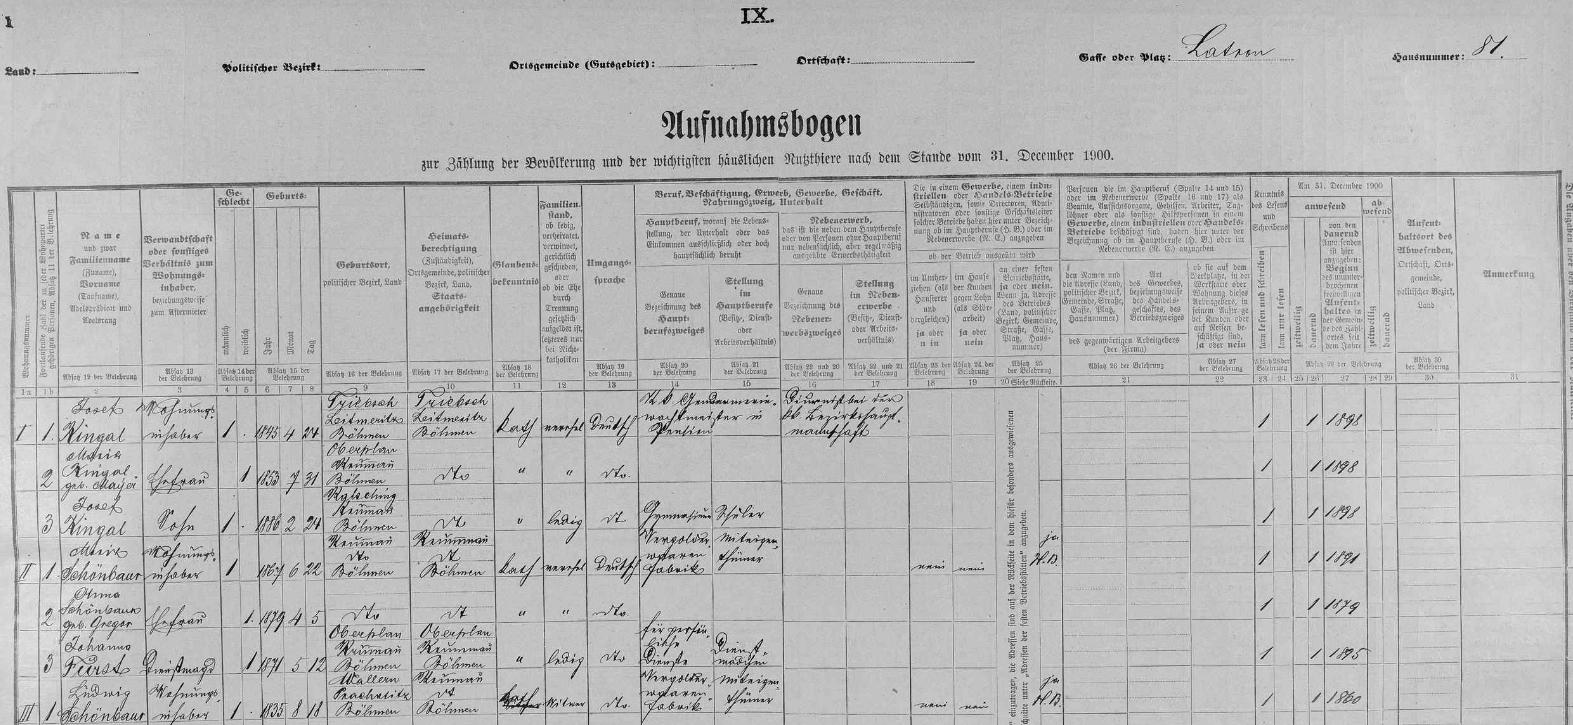 """Arch sčítání lidu z roku 1900, tedy rok před jeho narozením, pro dům čp. 81 na českokrumlovslém Latráně, kde žili jeho rodiče Moriz a Anna i dědeček Ludwig """"starší"""", všichni ještě s příjmením psaným """"Schönbaur"""""""